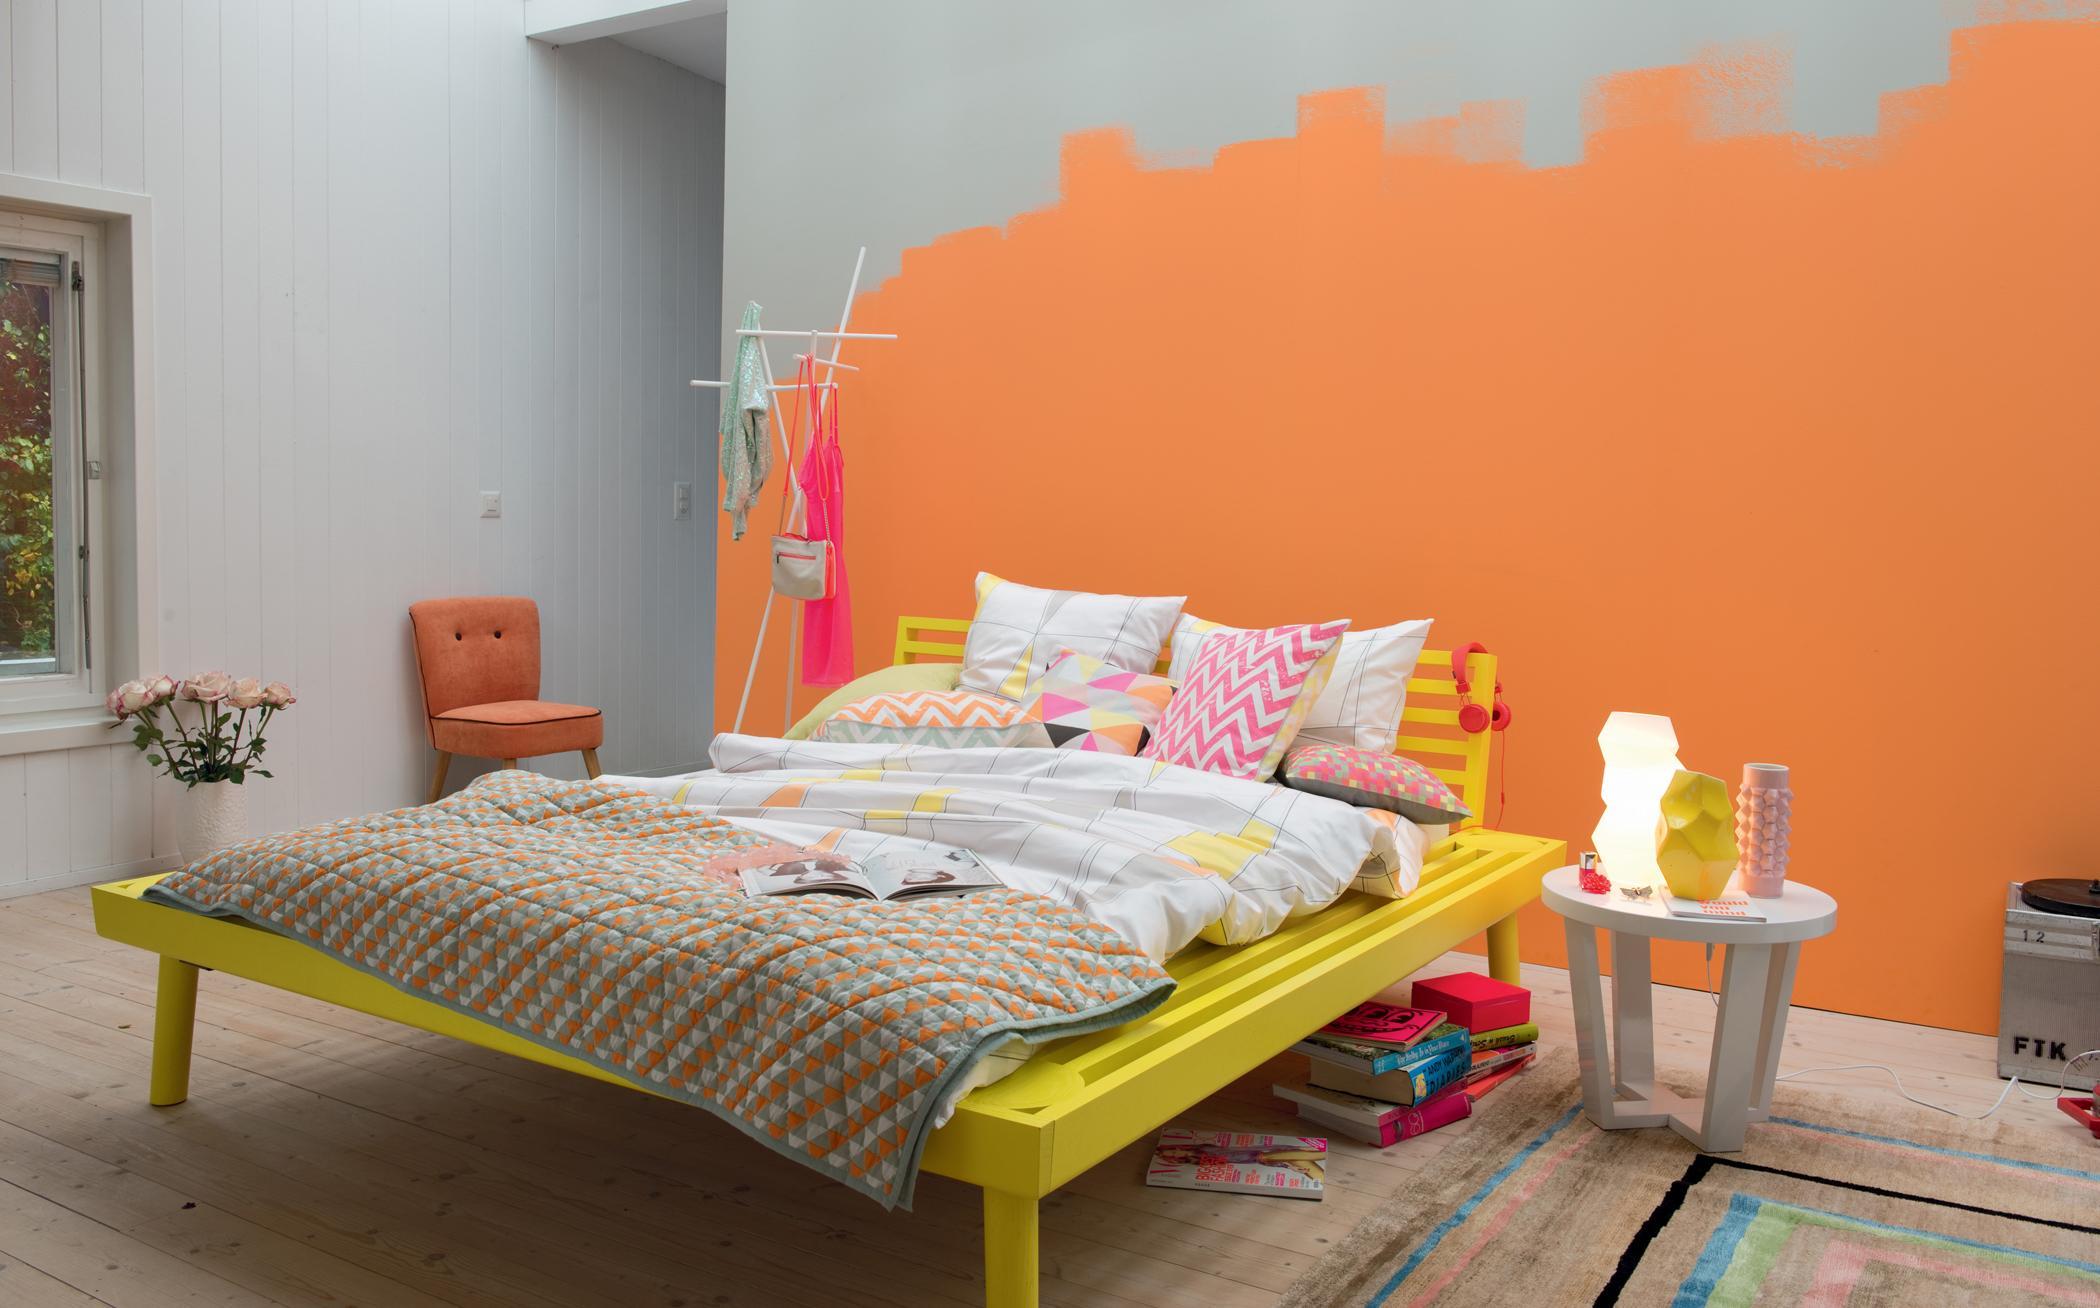 Gut Moderne Wandgestaltung #bett #weißernachttisch #nachttisch  #grauewandgestaltung #designwand ©Pfister